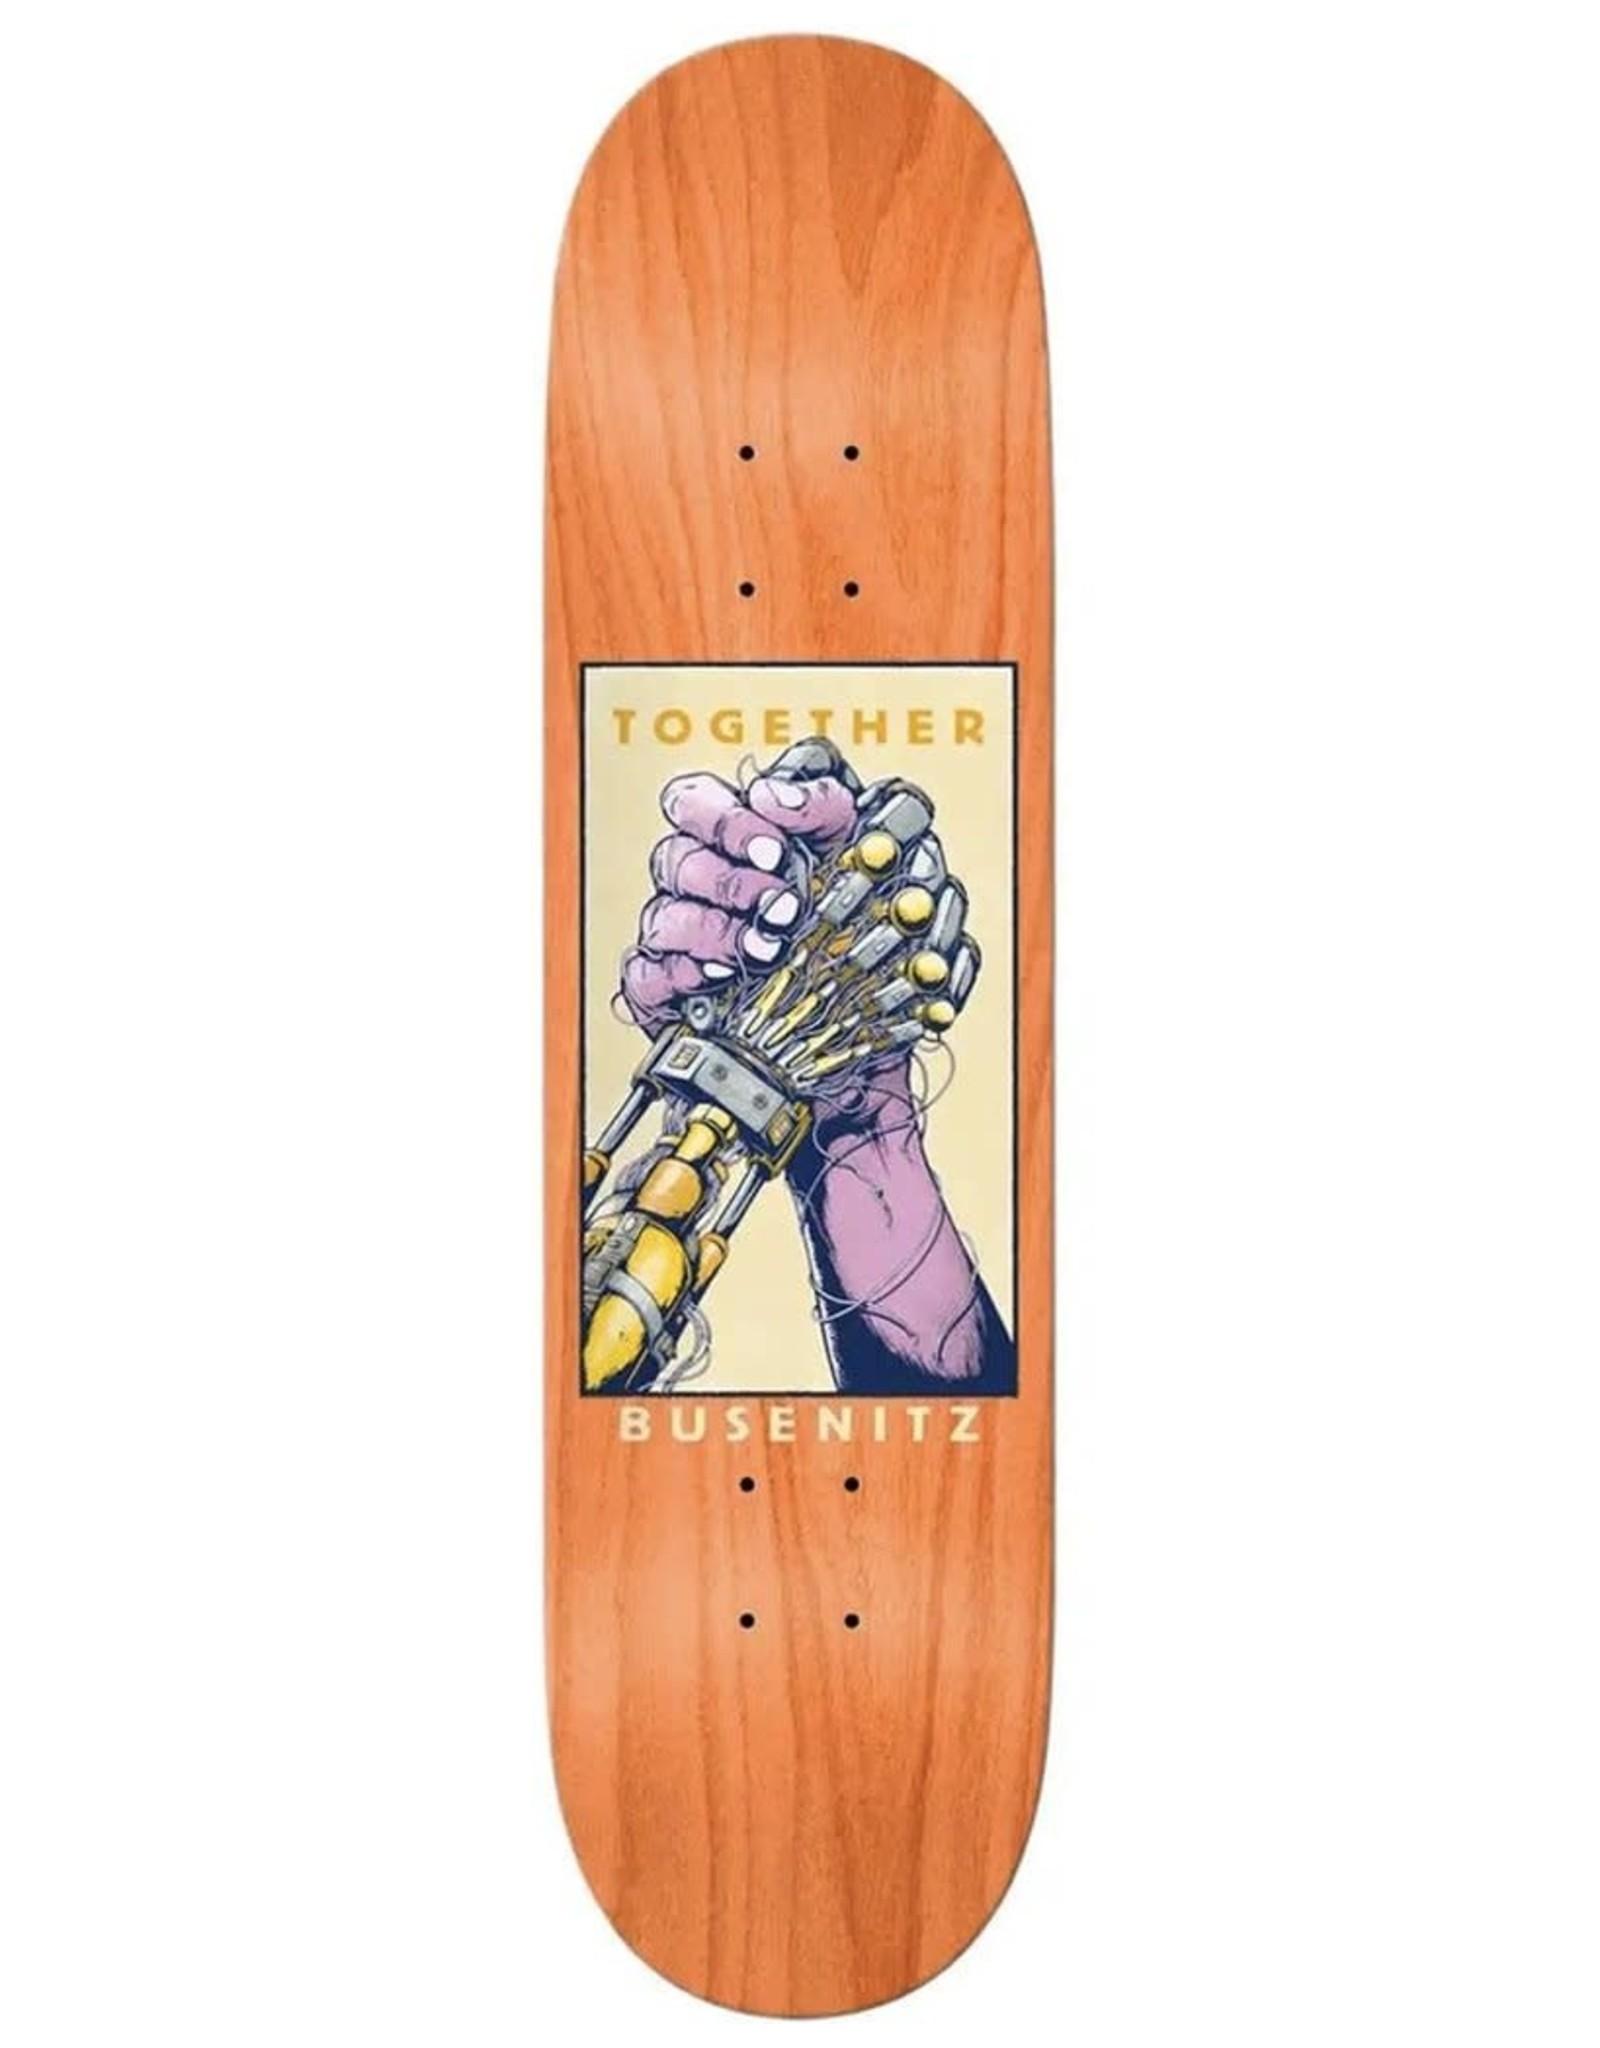 REAL Skateboards Busenitz Together Deck